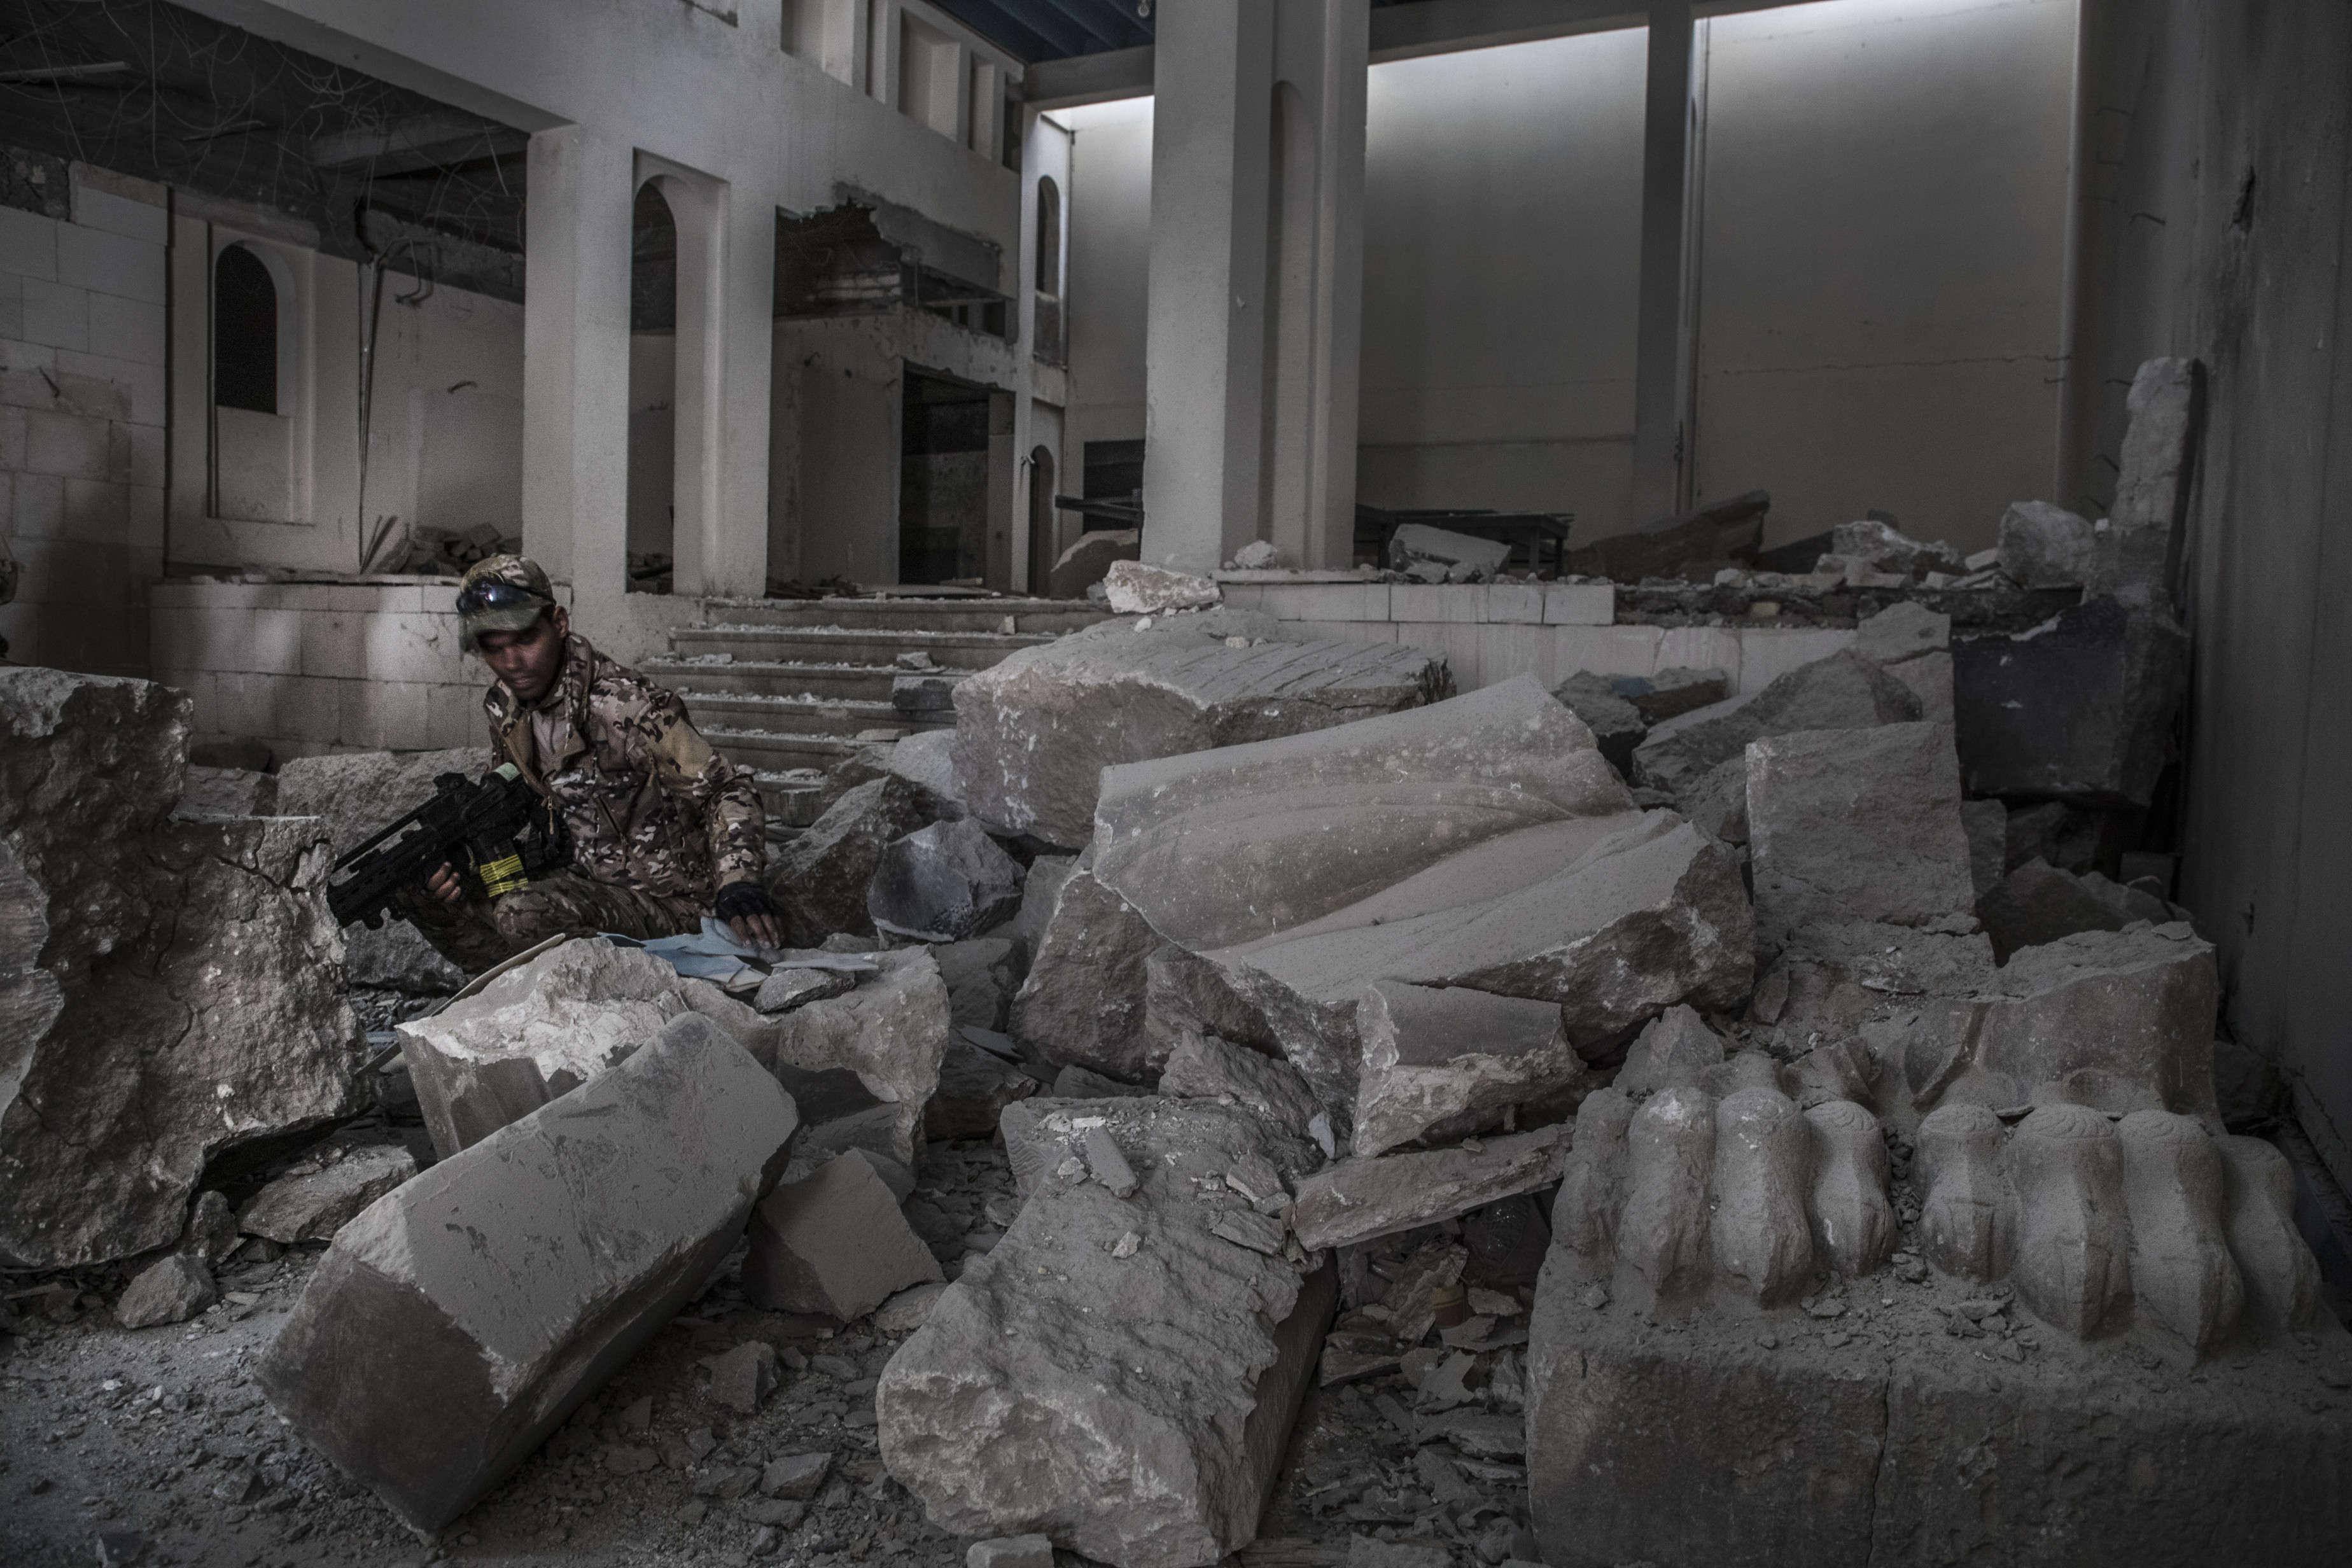 Dans le musée de Mossoul, repris par les divisions de réaction d'urgence, le 10 mars. L'organisation Etat islamique (EI) a détruit des oeuvres majeures du patrimoine irakien.